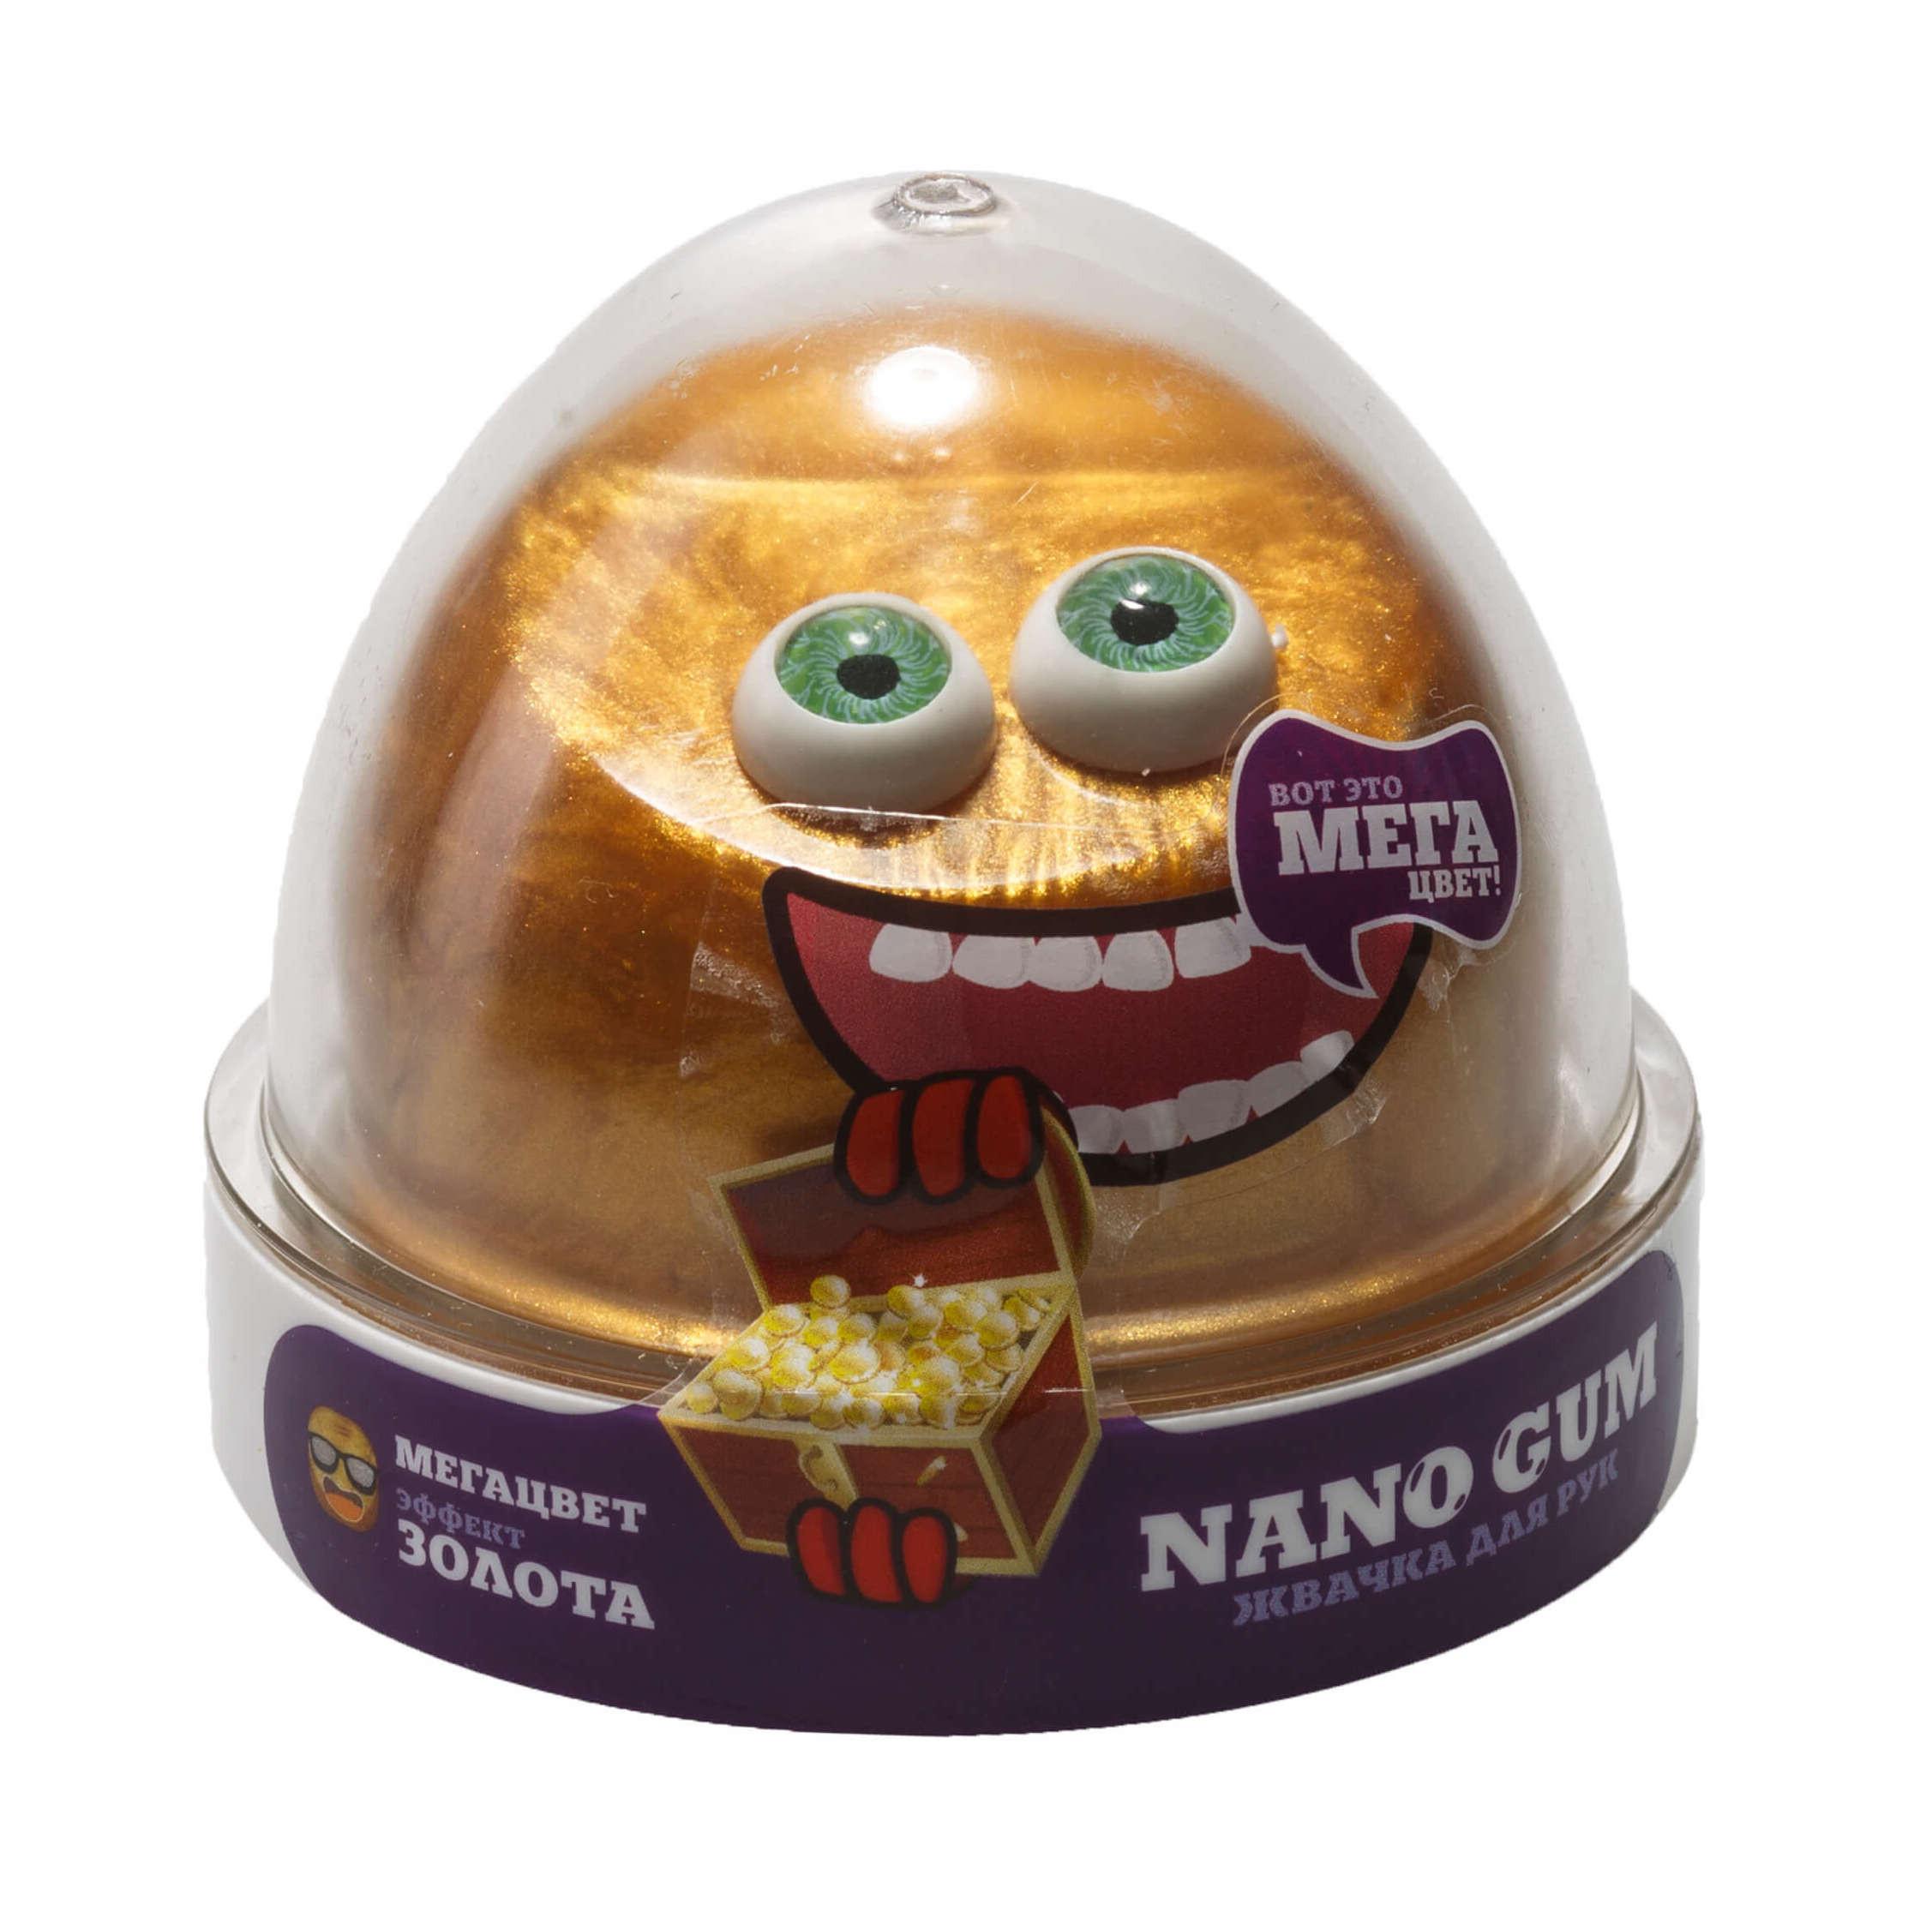 Жвачка для рук Nano gum, эффект золота